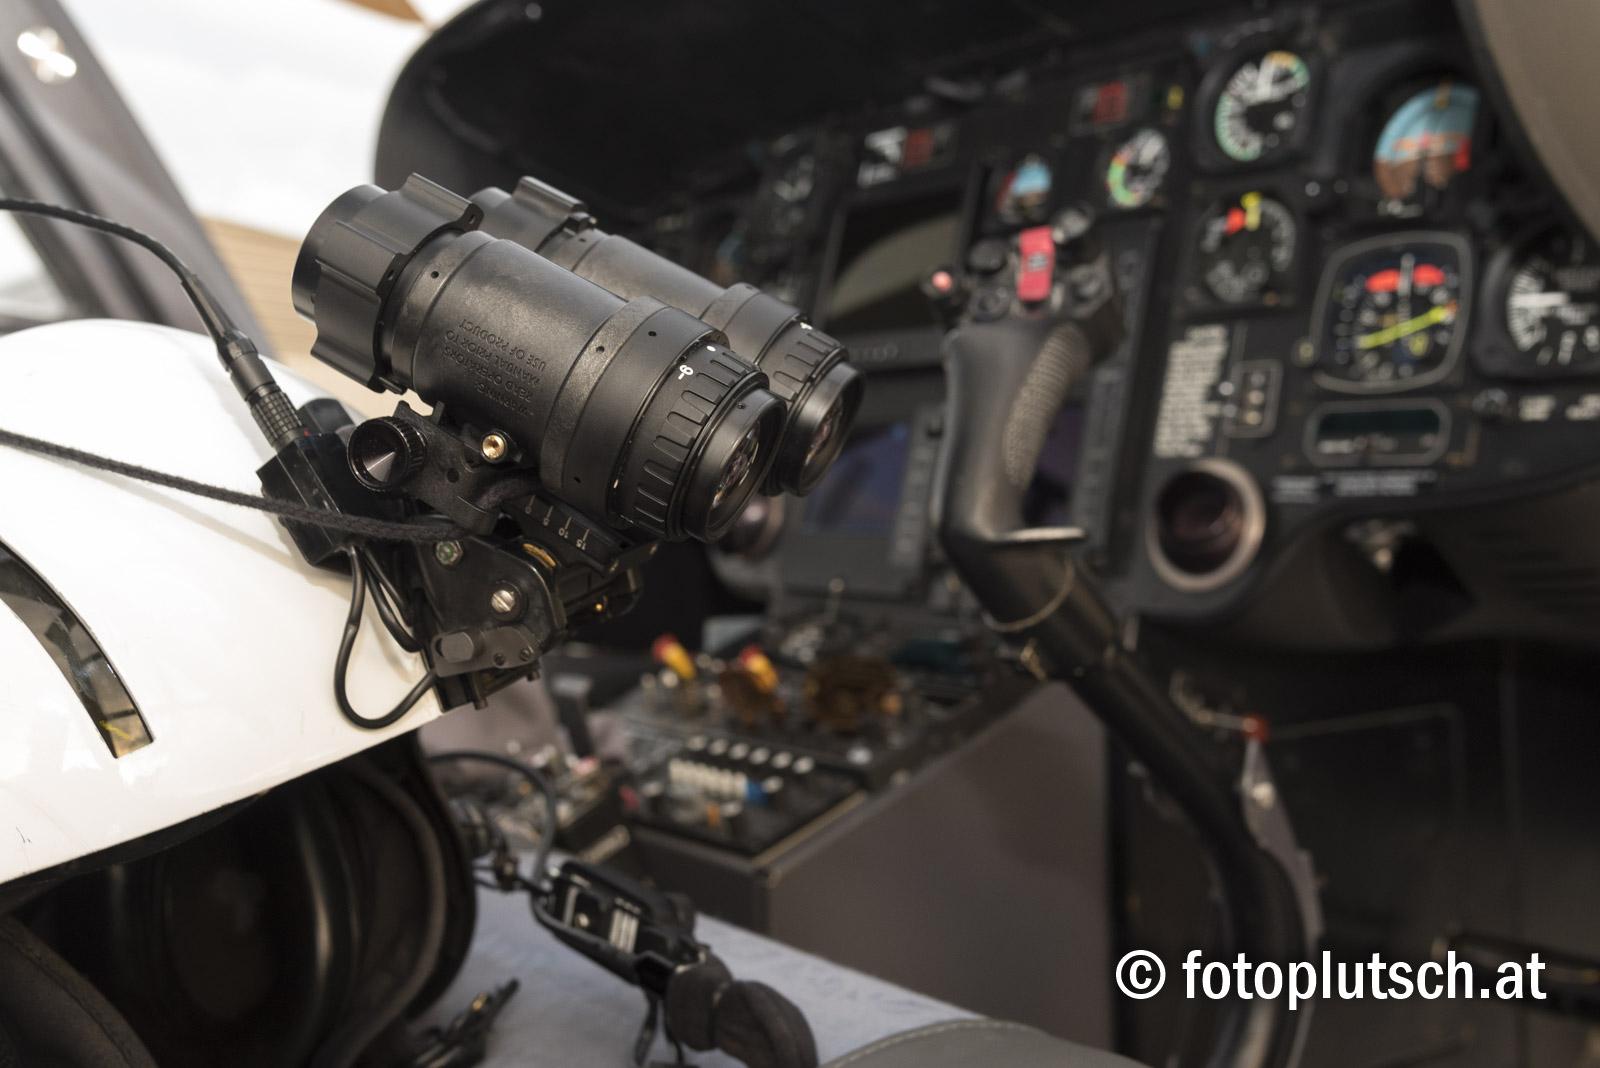 Der Christophorus EC 135 und seine Ausstattung Moderne Hubschrauber wie z. B. der Eurocopter 135, der an allen Christophorus-Standorten zum Einsatz kommt, bieten wesentliche Vorteile für den Patienten: Das Anti Resonance Isolation System sorgt für minimale Vibrationen während des Fluges, der lager- und gelenklose Hauptrotor sowie der verdeckte Heckrotor ermöglichen um sechs Dezibel niedrigere Lärmwerte als die Vorschriften. Damit ist der Christophorus der leiseste Hubschrauber Österreichs. Bei einem Ausfall einer Turbine kann jedes Flugmanöver mit der zweiten Turbine problemlos fortgesetzt werden. Die Maschine bietet Platz für vier Besatzungsmitglieder - Pilot, Arzt, Sanitäter und eventuell Hundeführer - sowie einen Patienten. Mit wenigen Handgriffen kann ein zweiter Liegeplatz eingebaut werden. Technische Daten EC 135 Hersteller: Eurocopter (D/F) Type: EC 135 Länge: 12,10 m Höhe: 3,62 m Antrieb: 2 Turbinen Leistung: ca. 1.380 PS Vierblattrotor Durchmesser: 10,20 m maximales Abfluggewicht: 2.835 kg Rotordrehzahl: ca. 400 Umdrehungen/min Höchstgeschwindigkeit: 287 km/h Reisegeschwindigkeit: 260 km/h Steigrate: 10 m/sec Einsatzhöhe: 4.000 m Reichweite: 750 km maximale Flugdauer: 3,5 Stunden Einsatzspektrum: Tag- und Nachtsichtflug